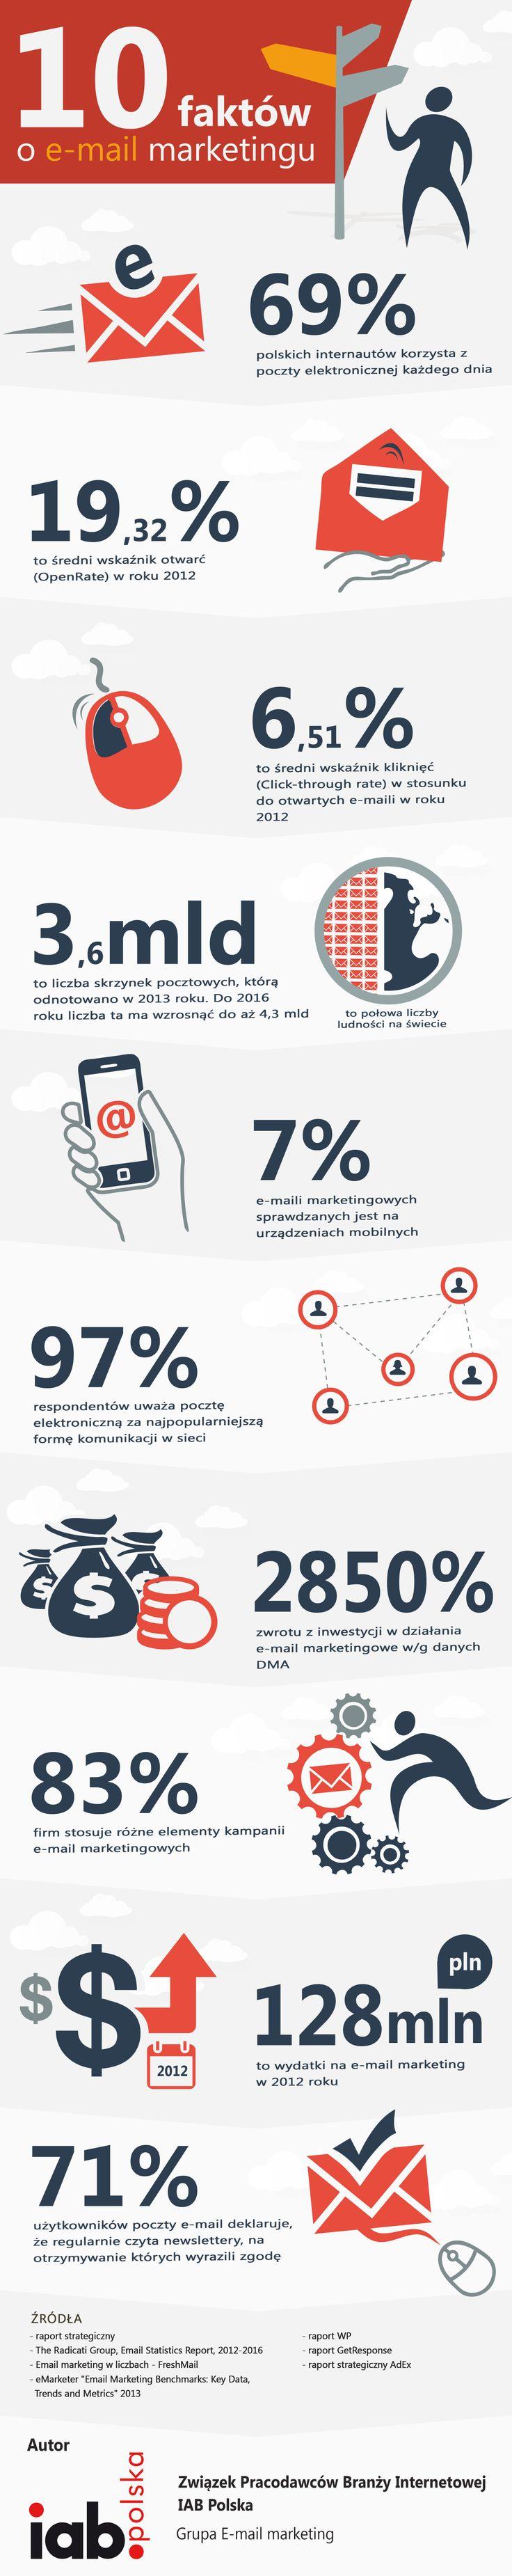 10 najważniejszych faktów email marketingu - infografika IAB Polska